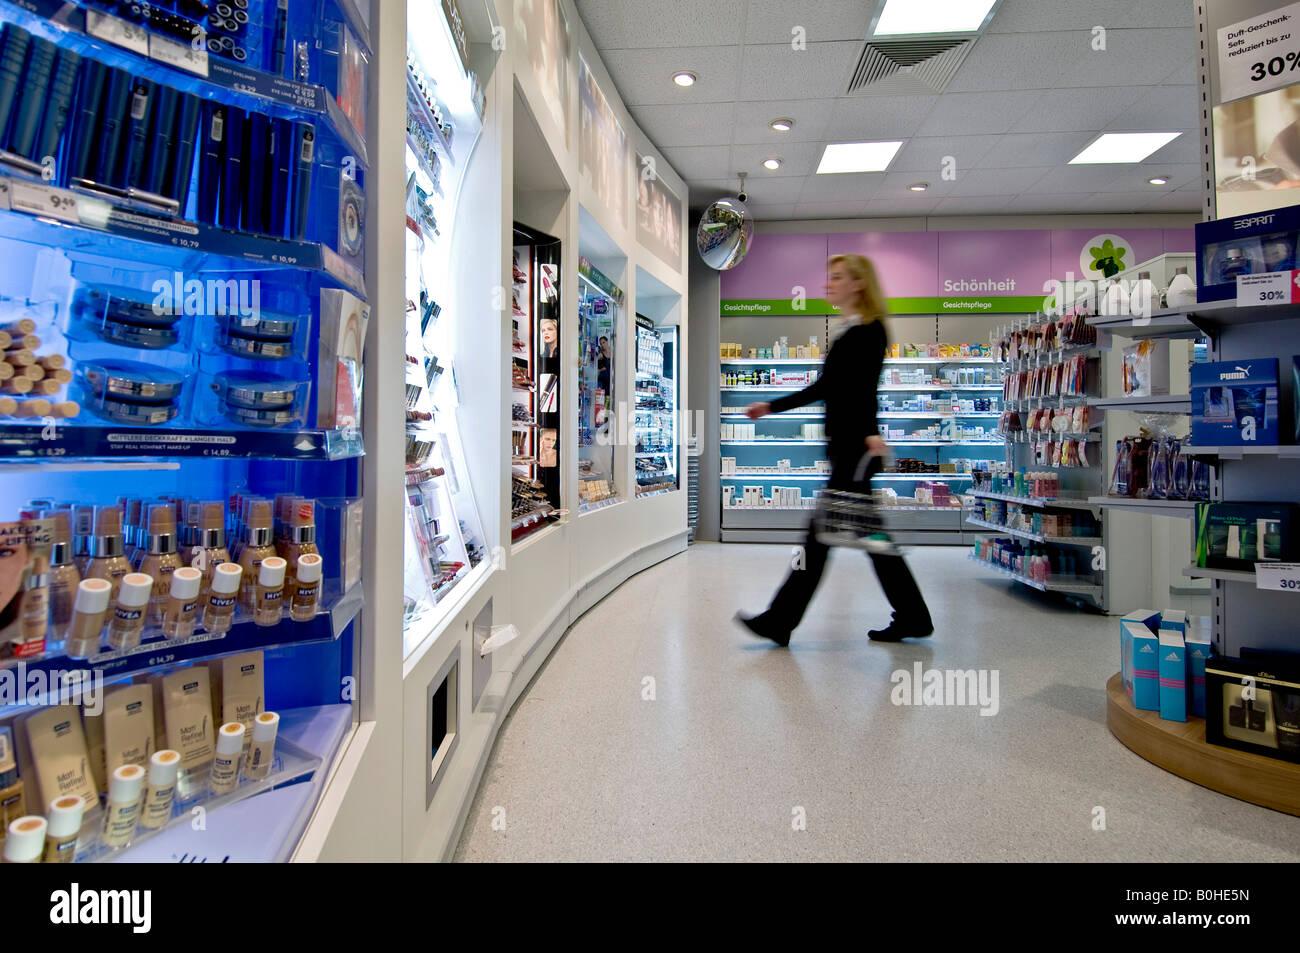 La clientèle féminine en passant devant des étagères dans une pharmacie, la  pharmacie, l 5414d8495ae5